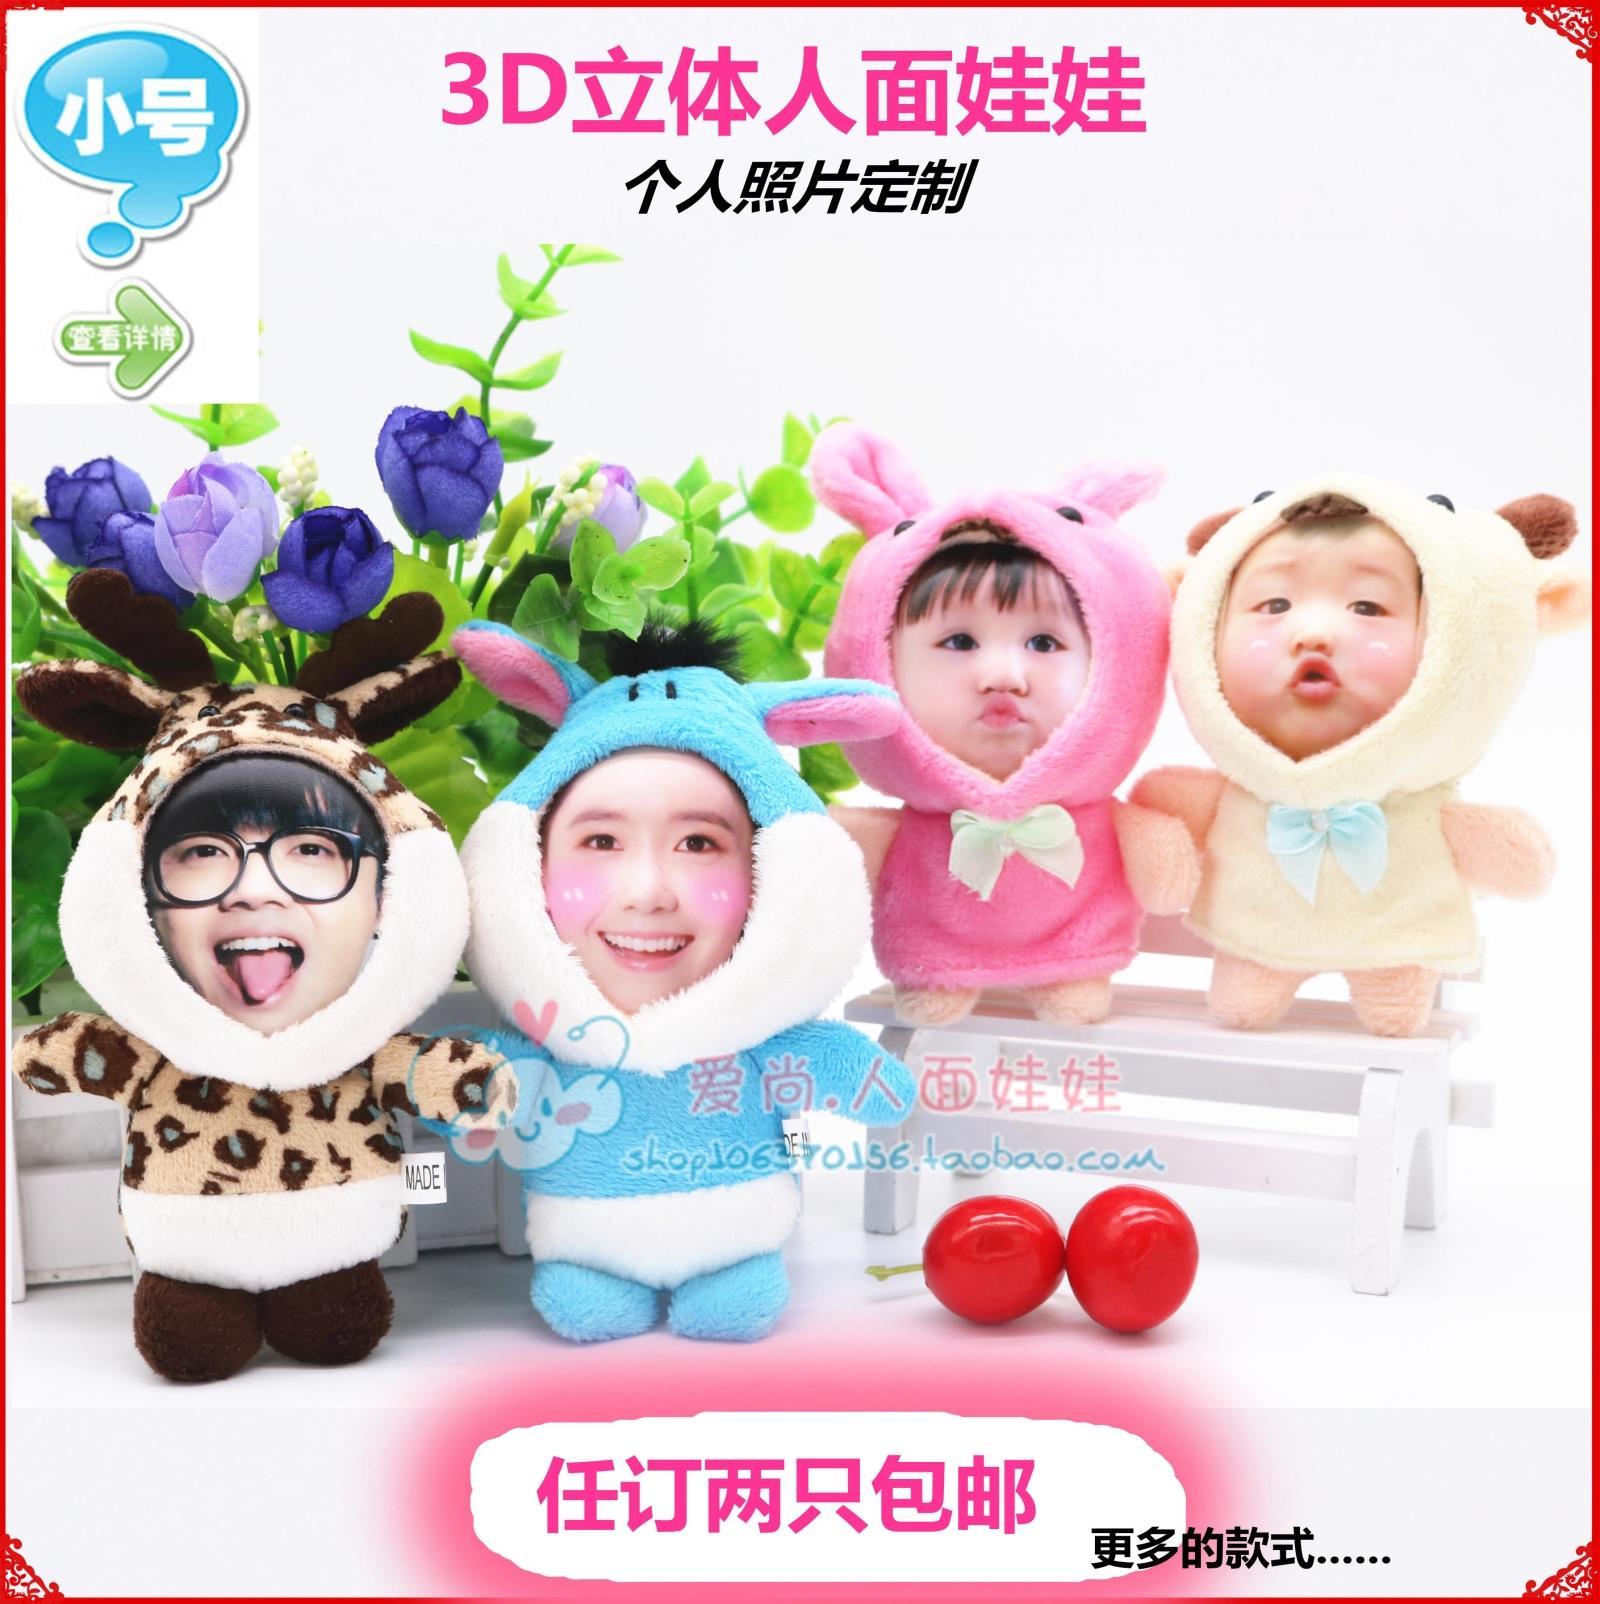 3d трехмерный человек поверхность кукла человек поверхность кукла diy кукла фото сделанный на заказ s брелок кулон полный пакет почта